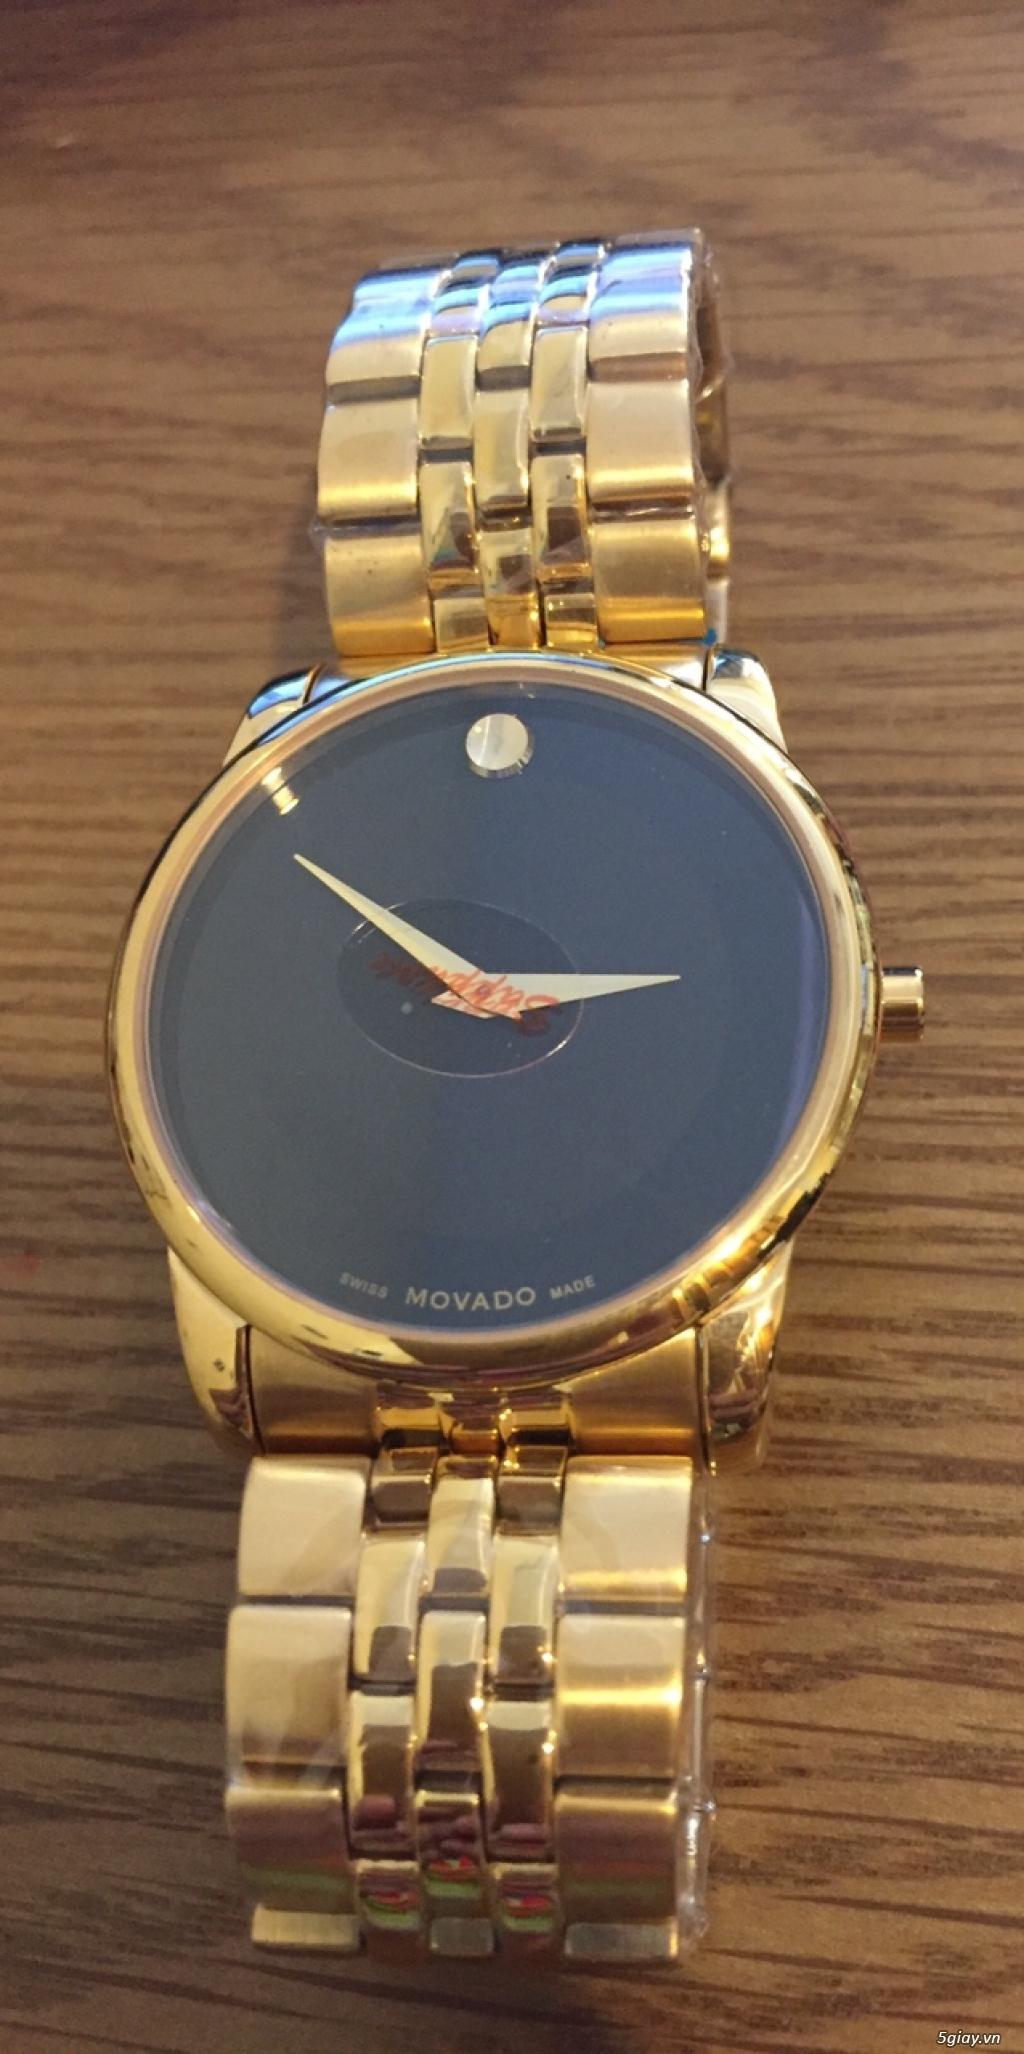 đồng hồ chính hãng xách tay các loại,mới 100%,có bảo hành - 3